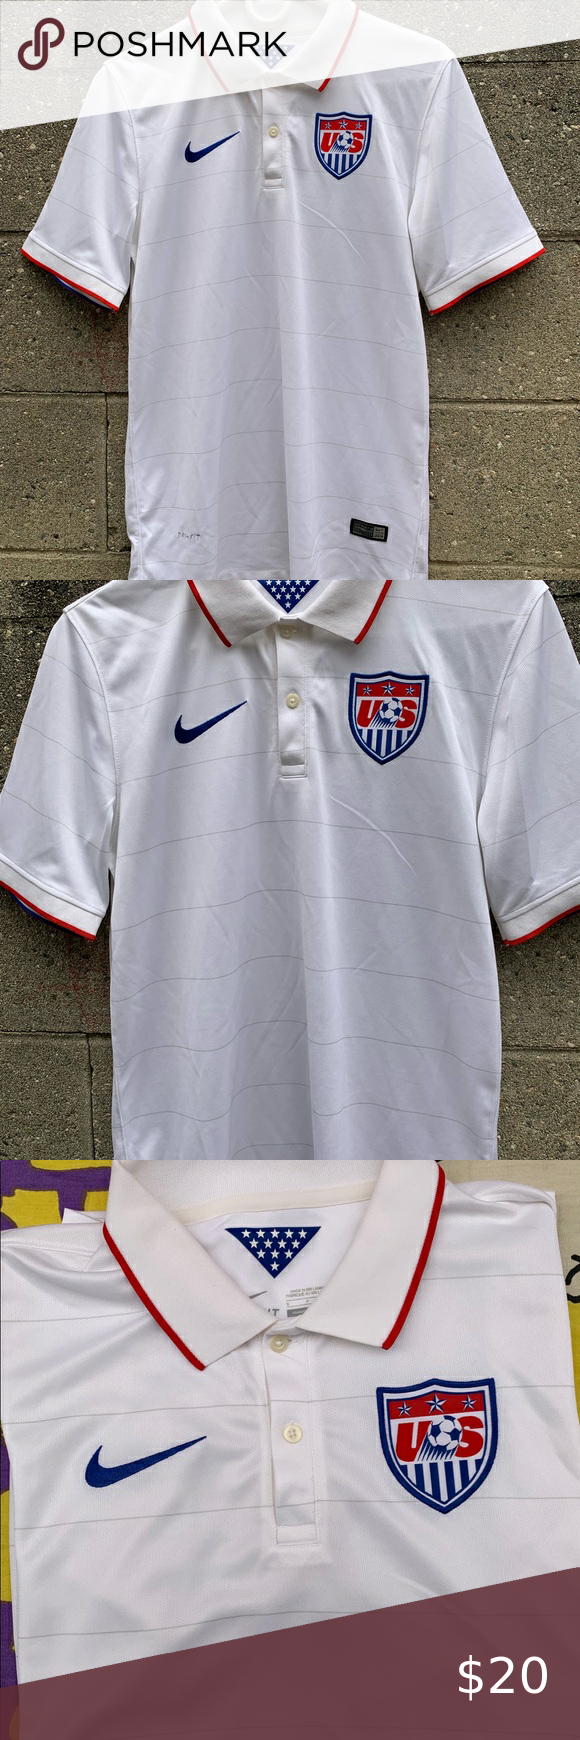 Nike Us Soccer Usa World Cup Jersey Nike Dri Fit Us Soccer Usa World Cup Short Sleeve Polo Collared Shirt Size A In 2020 World Cup Jerseys Polo Collar Shirts Us Soccer